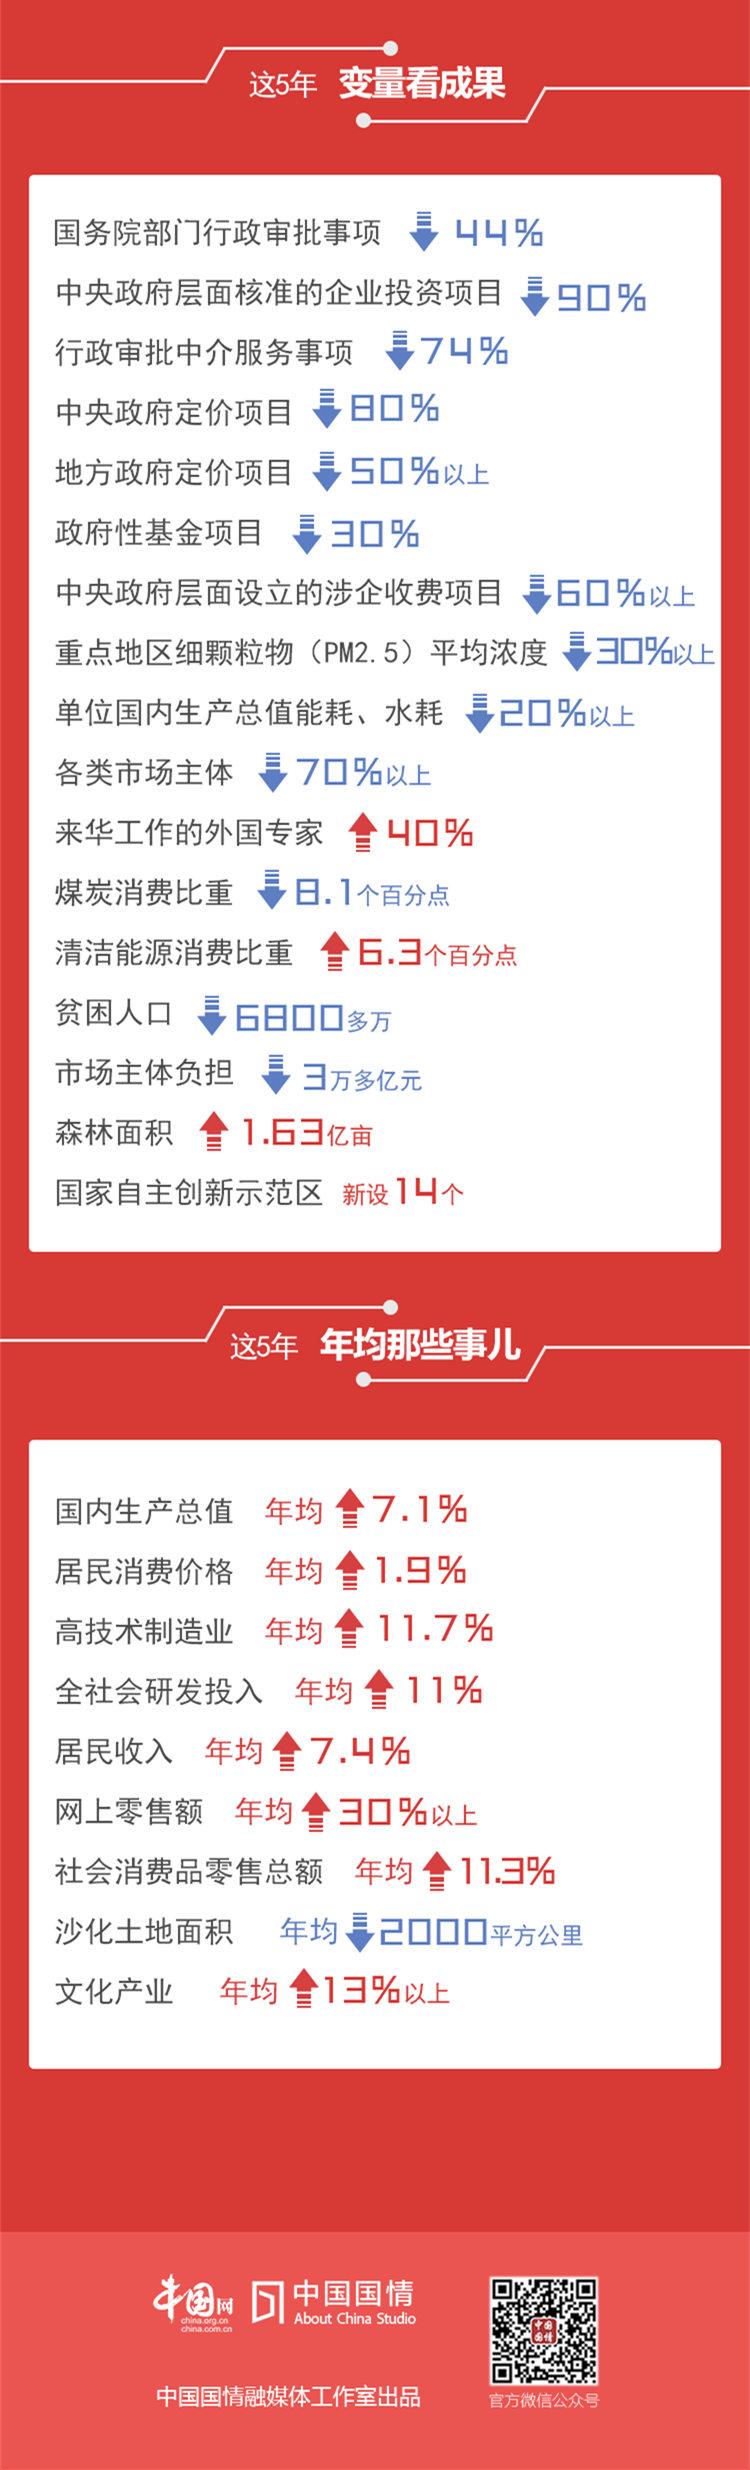 急速赛车彩票平台:2018政府工作报告成绩单_5年中国实现的那些数字